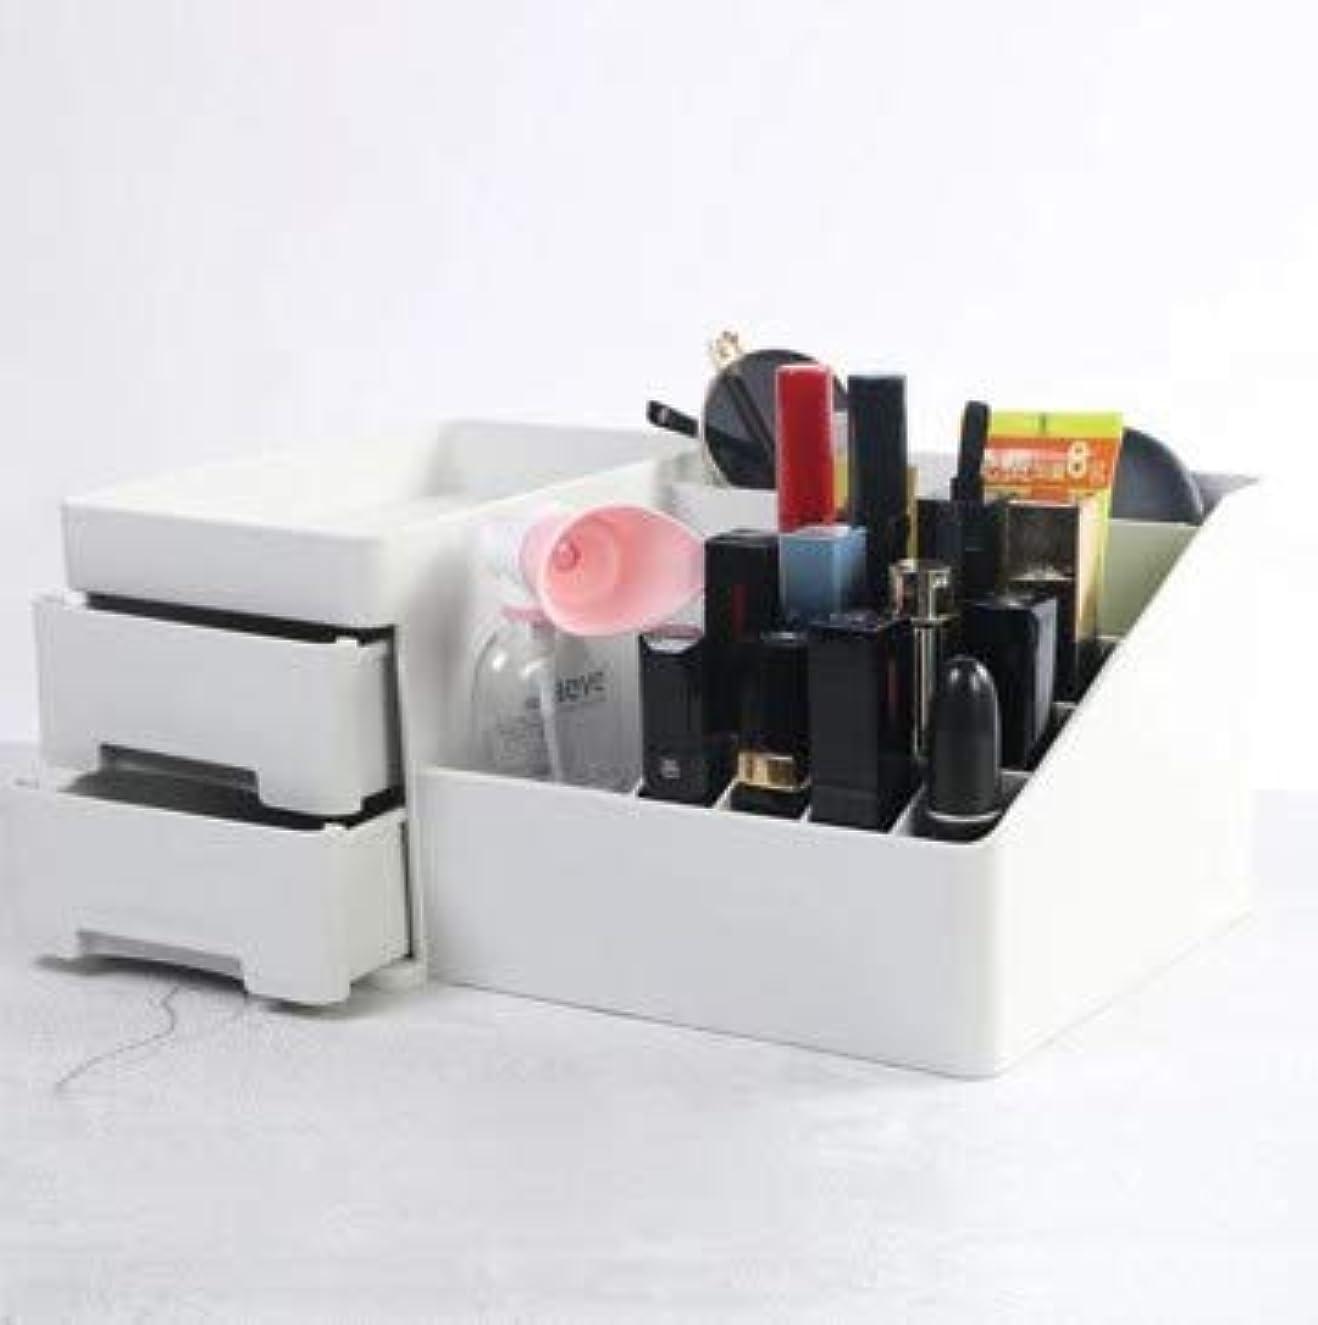 残高クリックとんでもないデスクトップ引き出し型化粧品収納ボックスプラスチックドレッシング収納ホーム収納ボックス (Color : グレー)